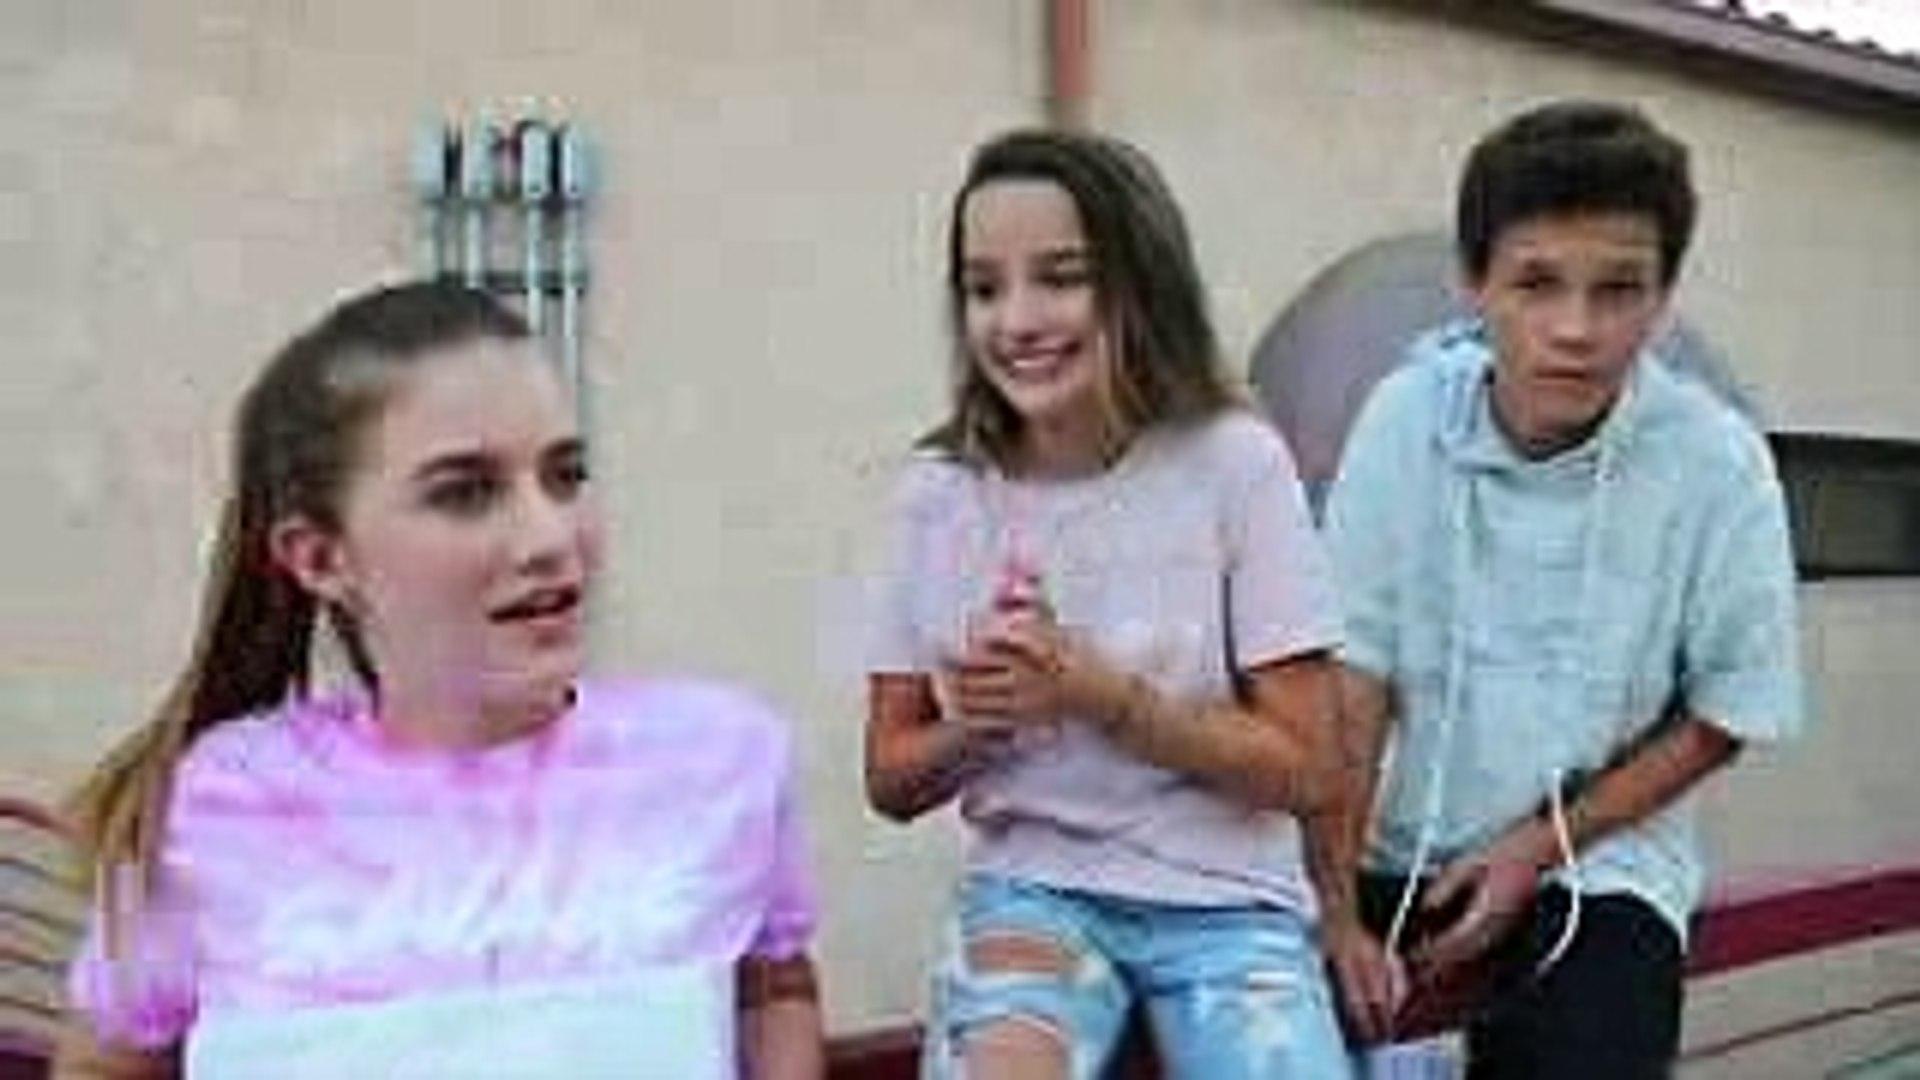 CHICKEN GIRLS  Episode 6 KISSING SCENE (Annie LeBlanc & Hayden Summerall) information